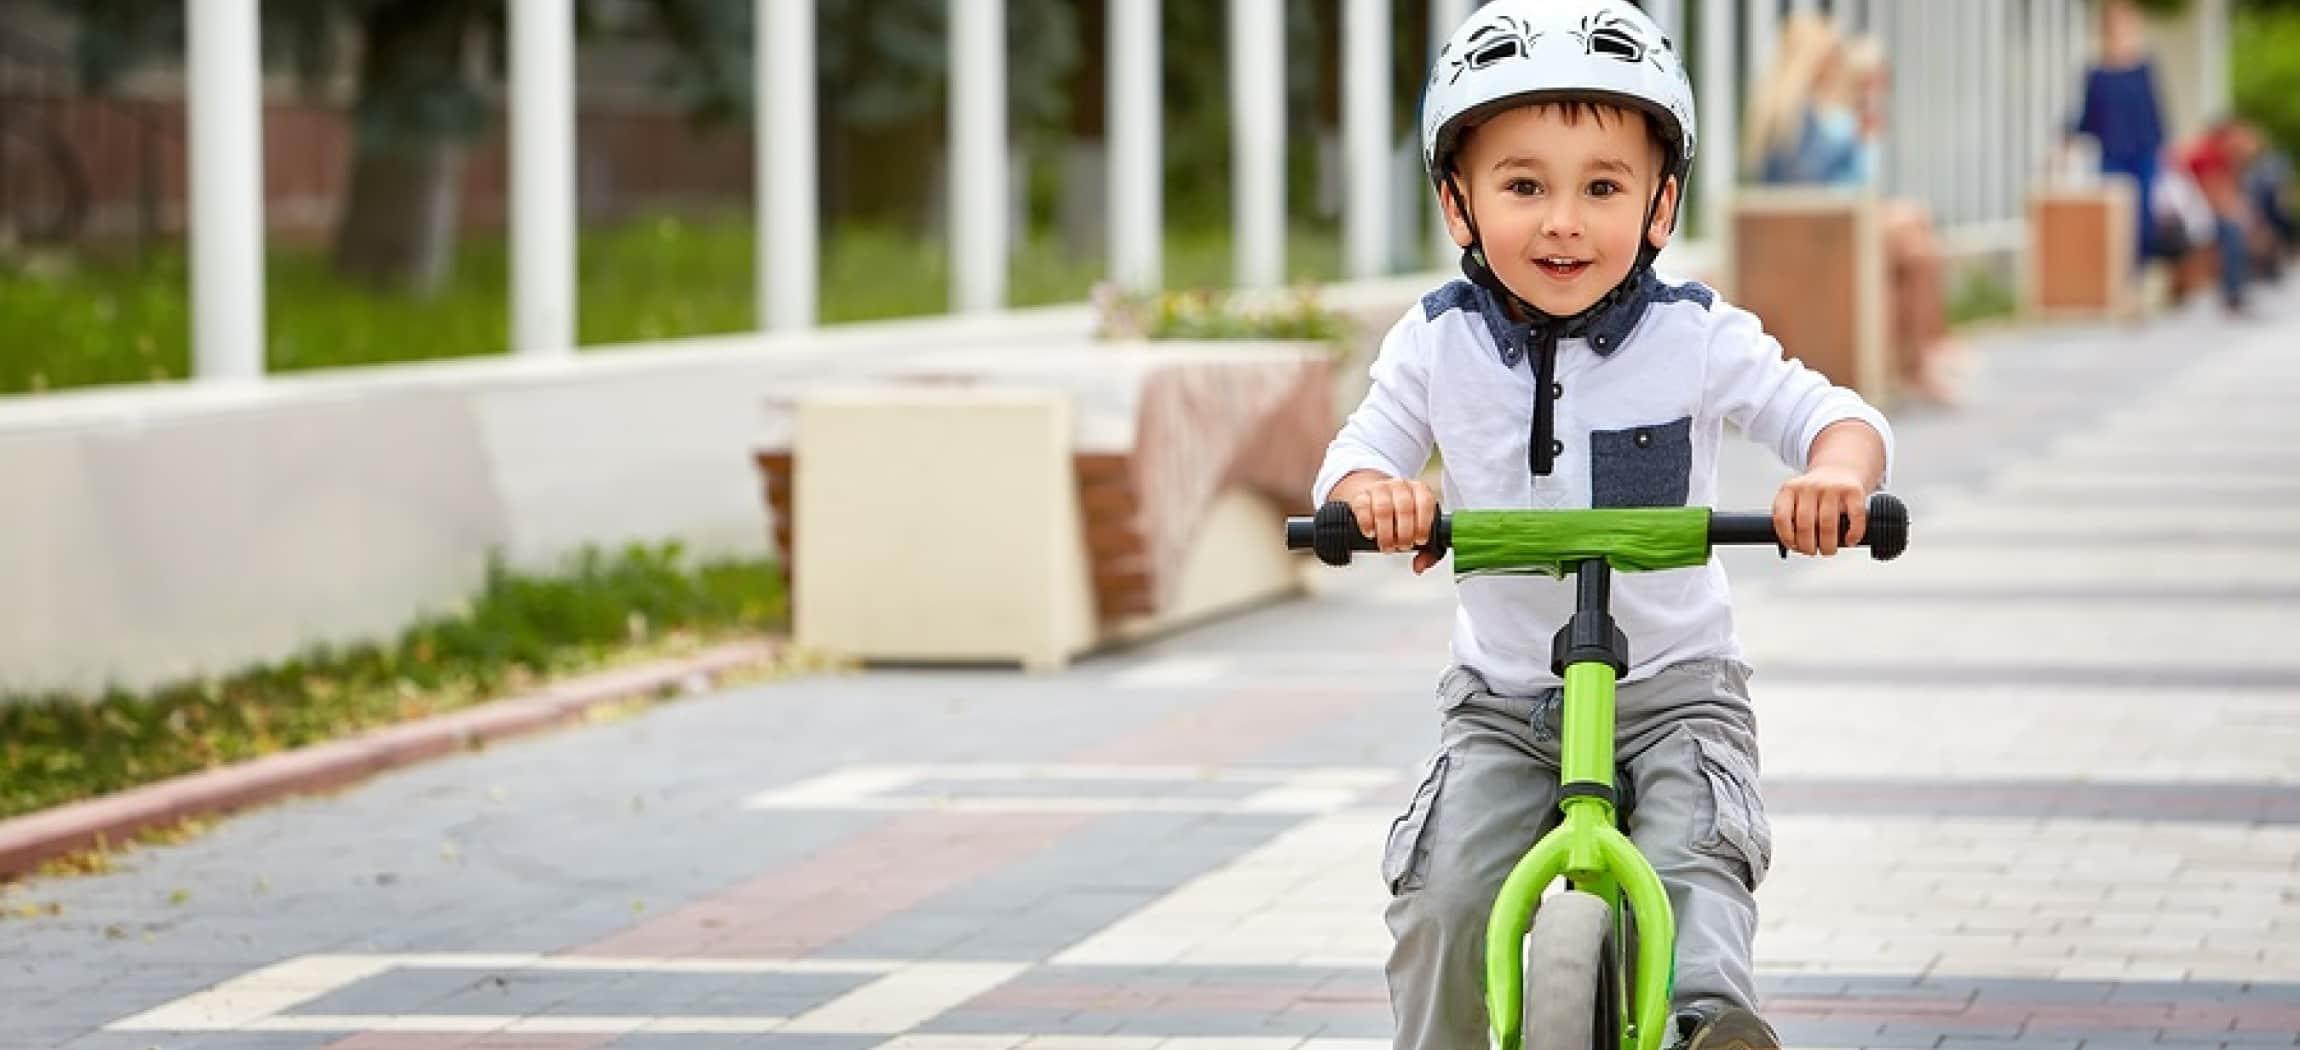 Peuter op groen fietsje met witte helm